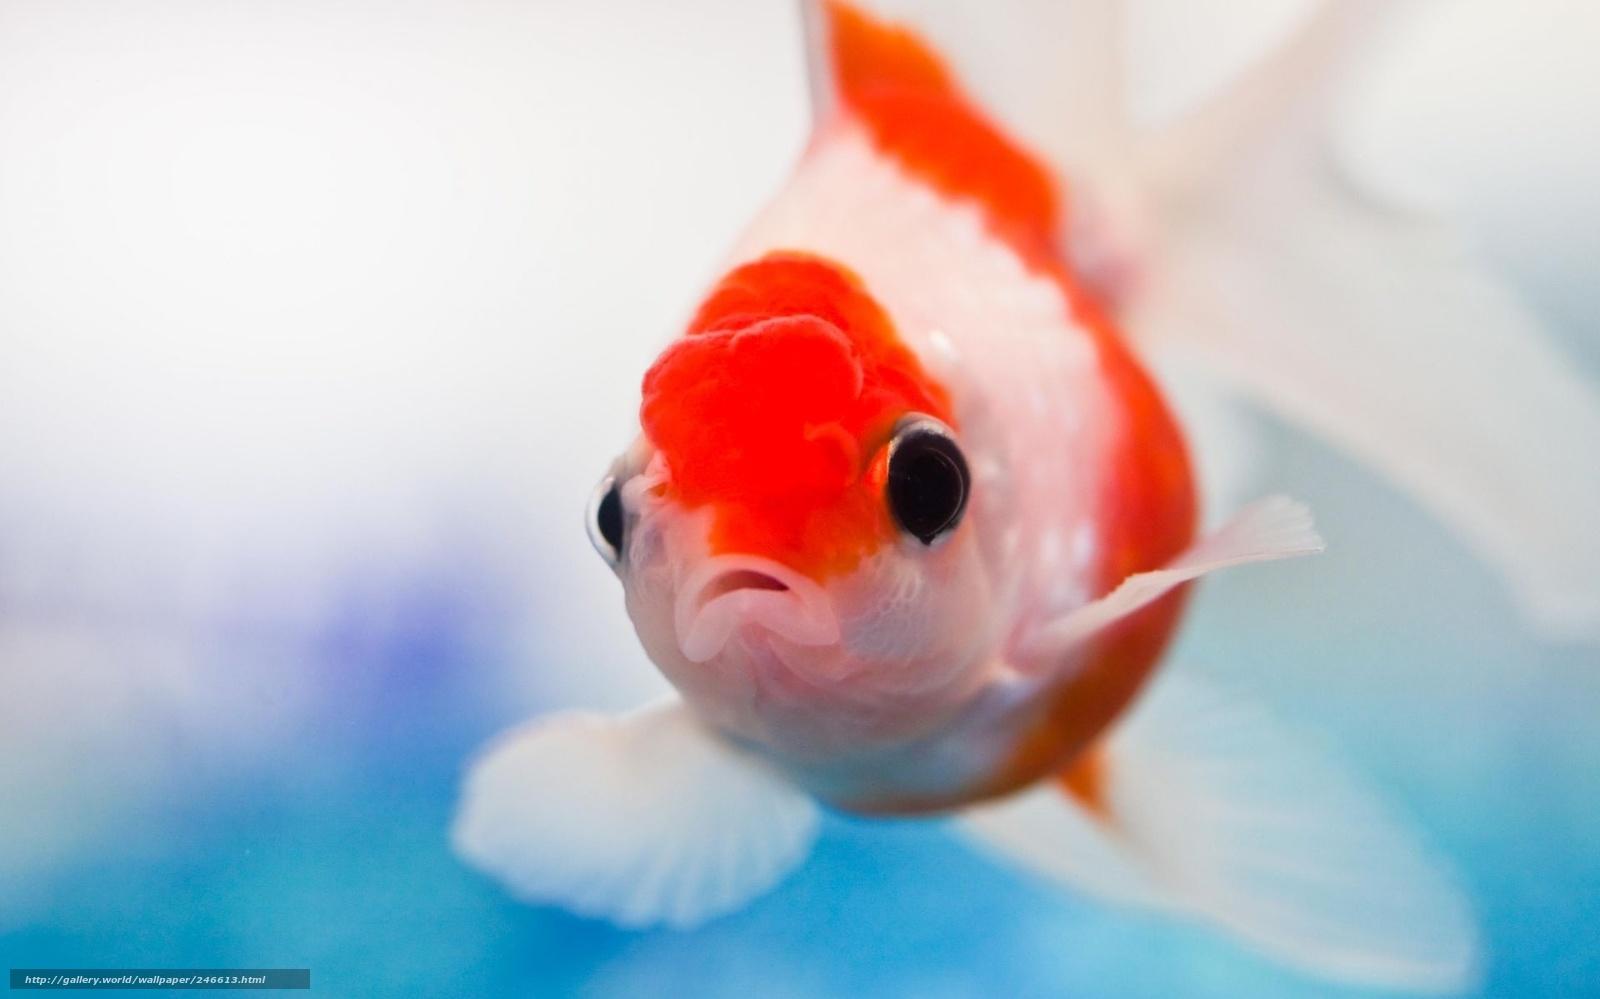 Скачать обои Рыба,   золотая,   креатив бесплатно для рабочего стола в разрешении 1920x1199 — картинка №246613